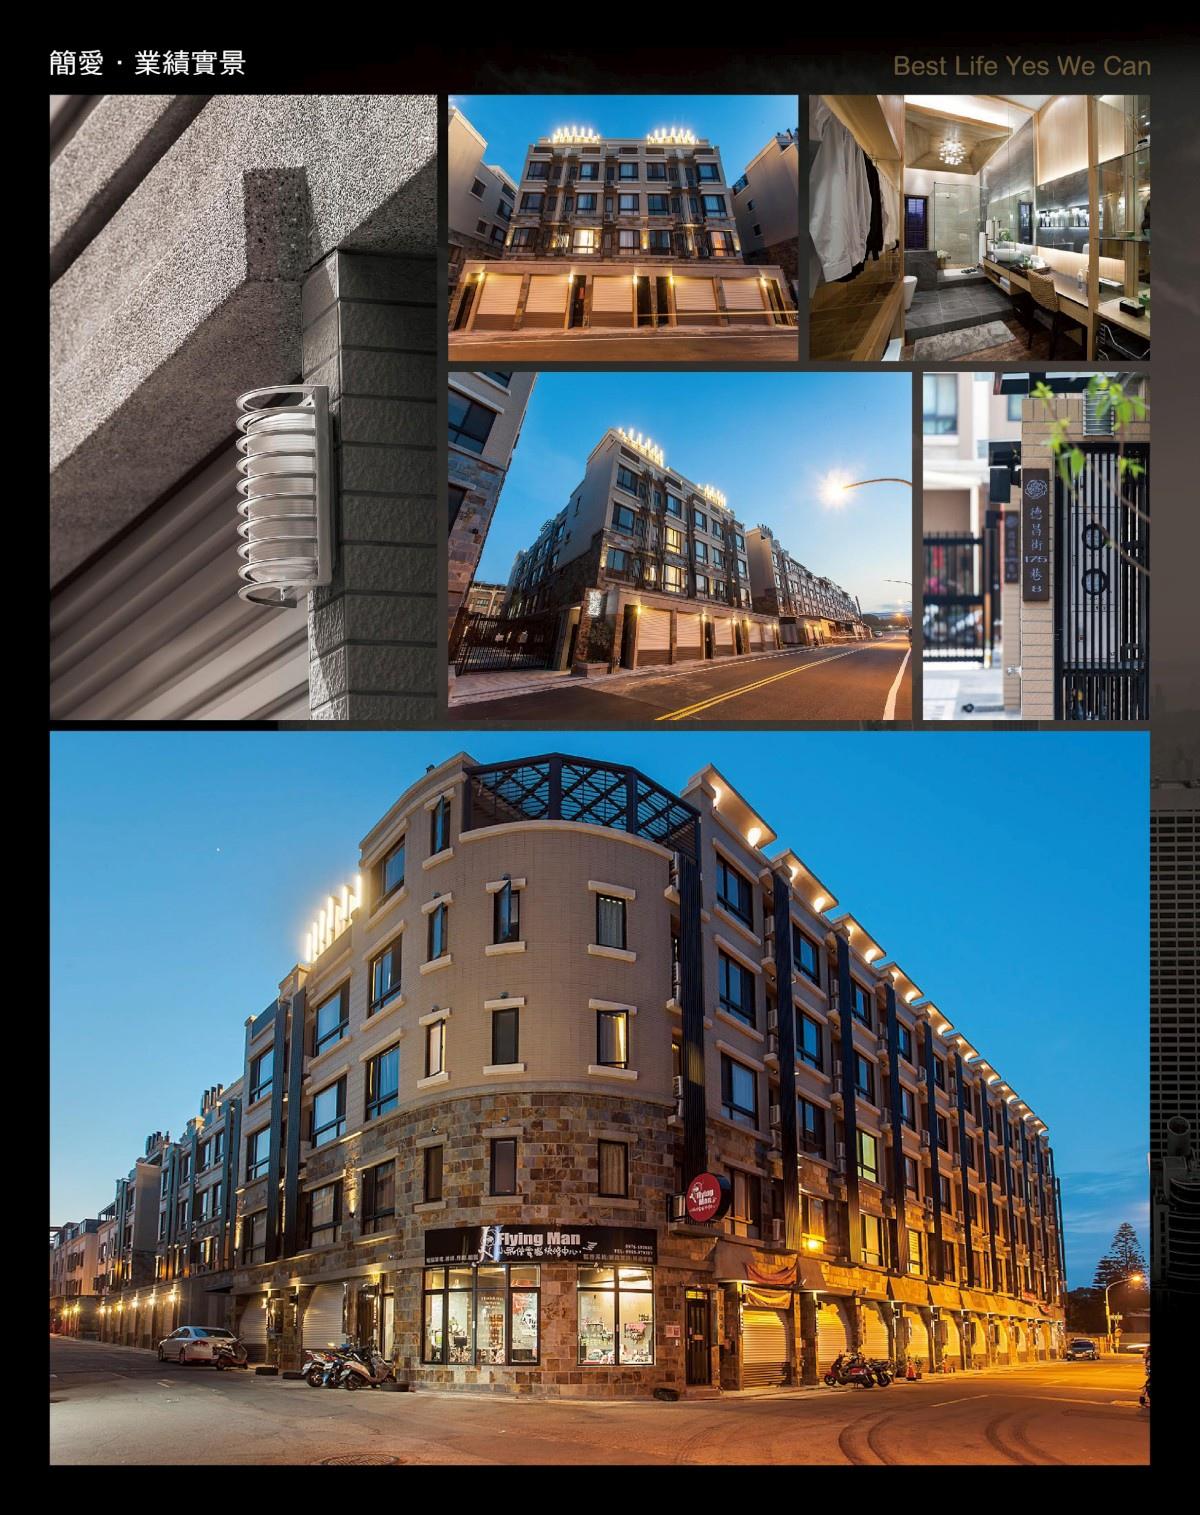 [新豐福陽] 寶福聚建設-新豐1號(大樓)2015-07-24 013.jpg